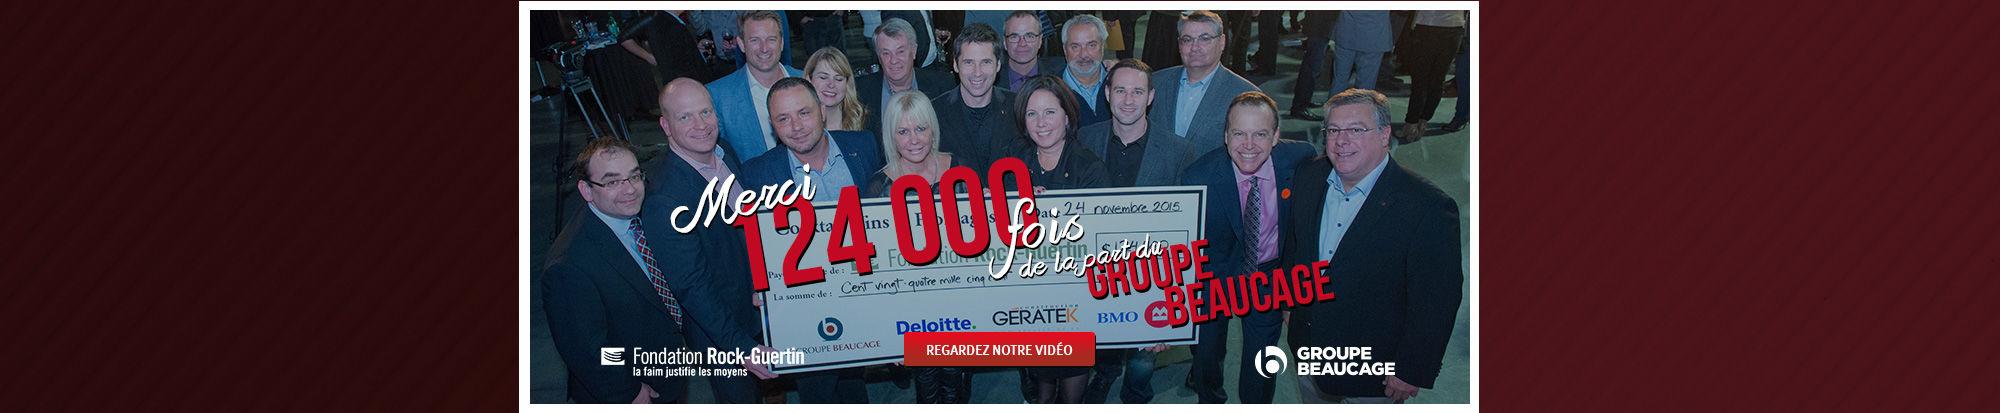 Merci 124 000 fois!